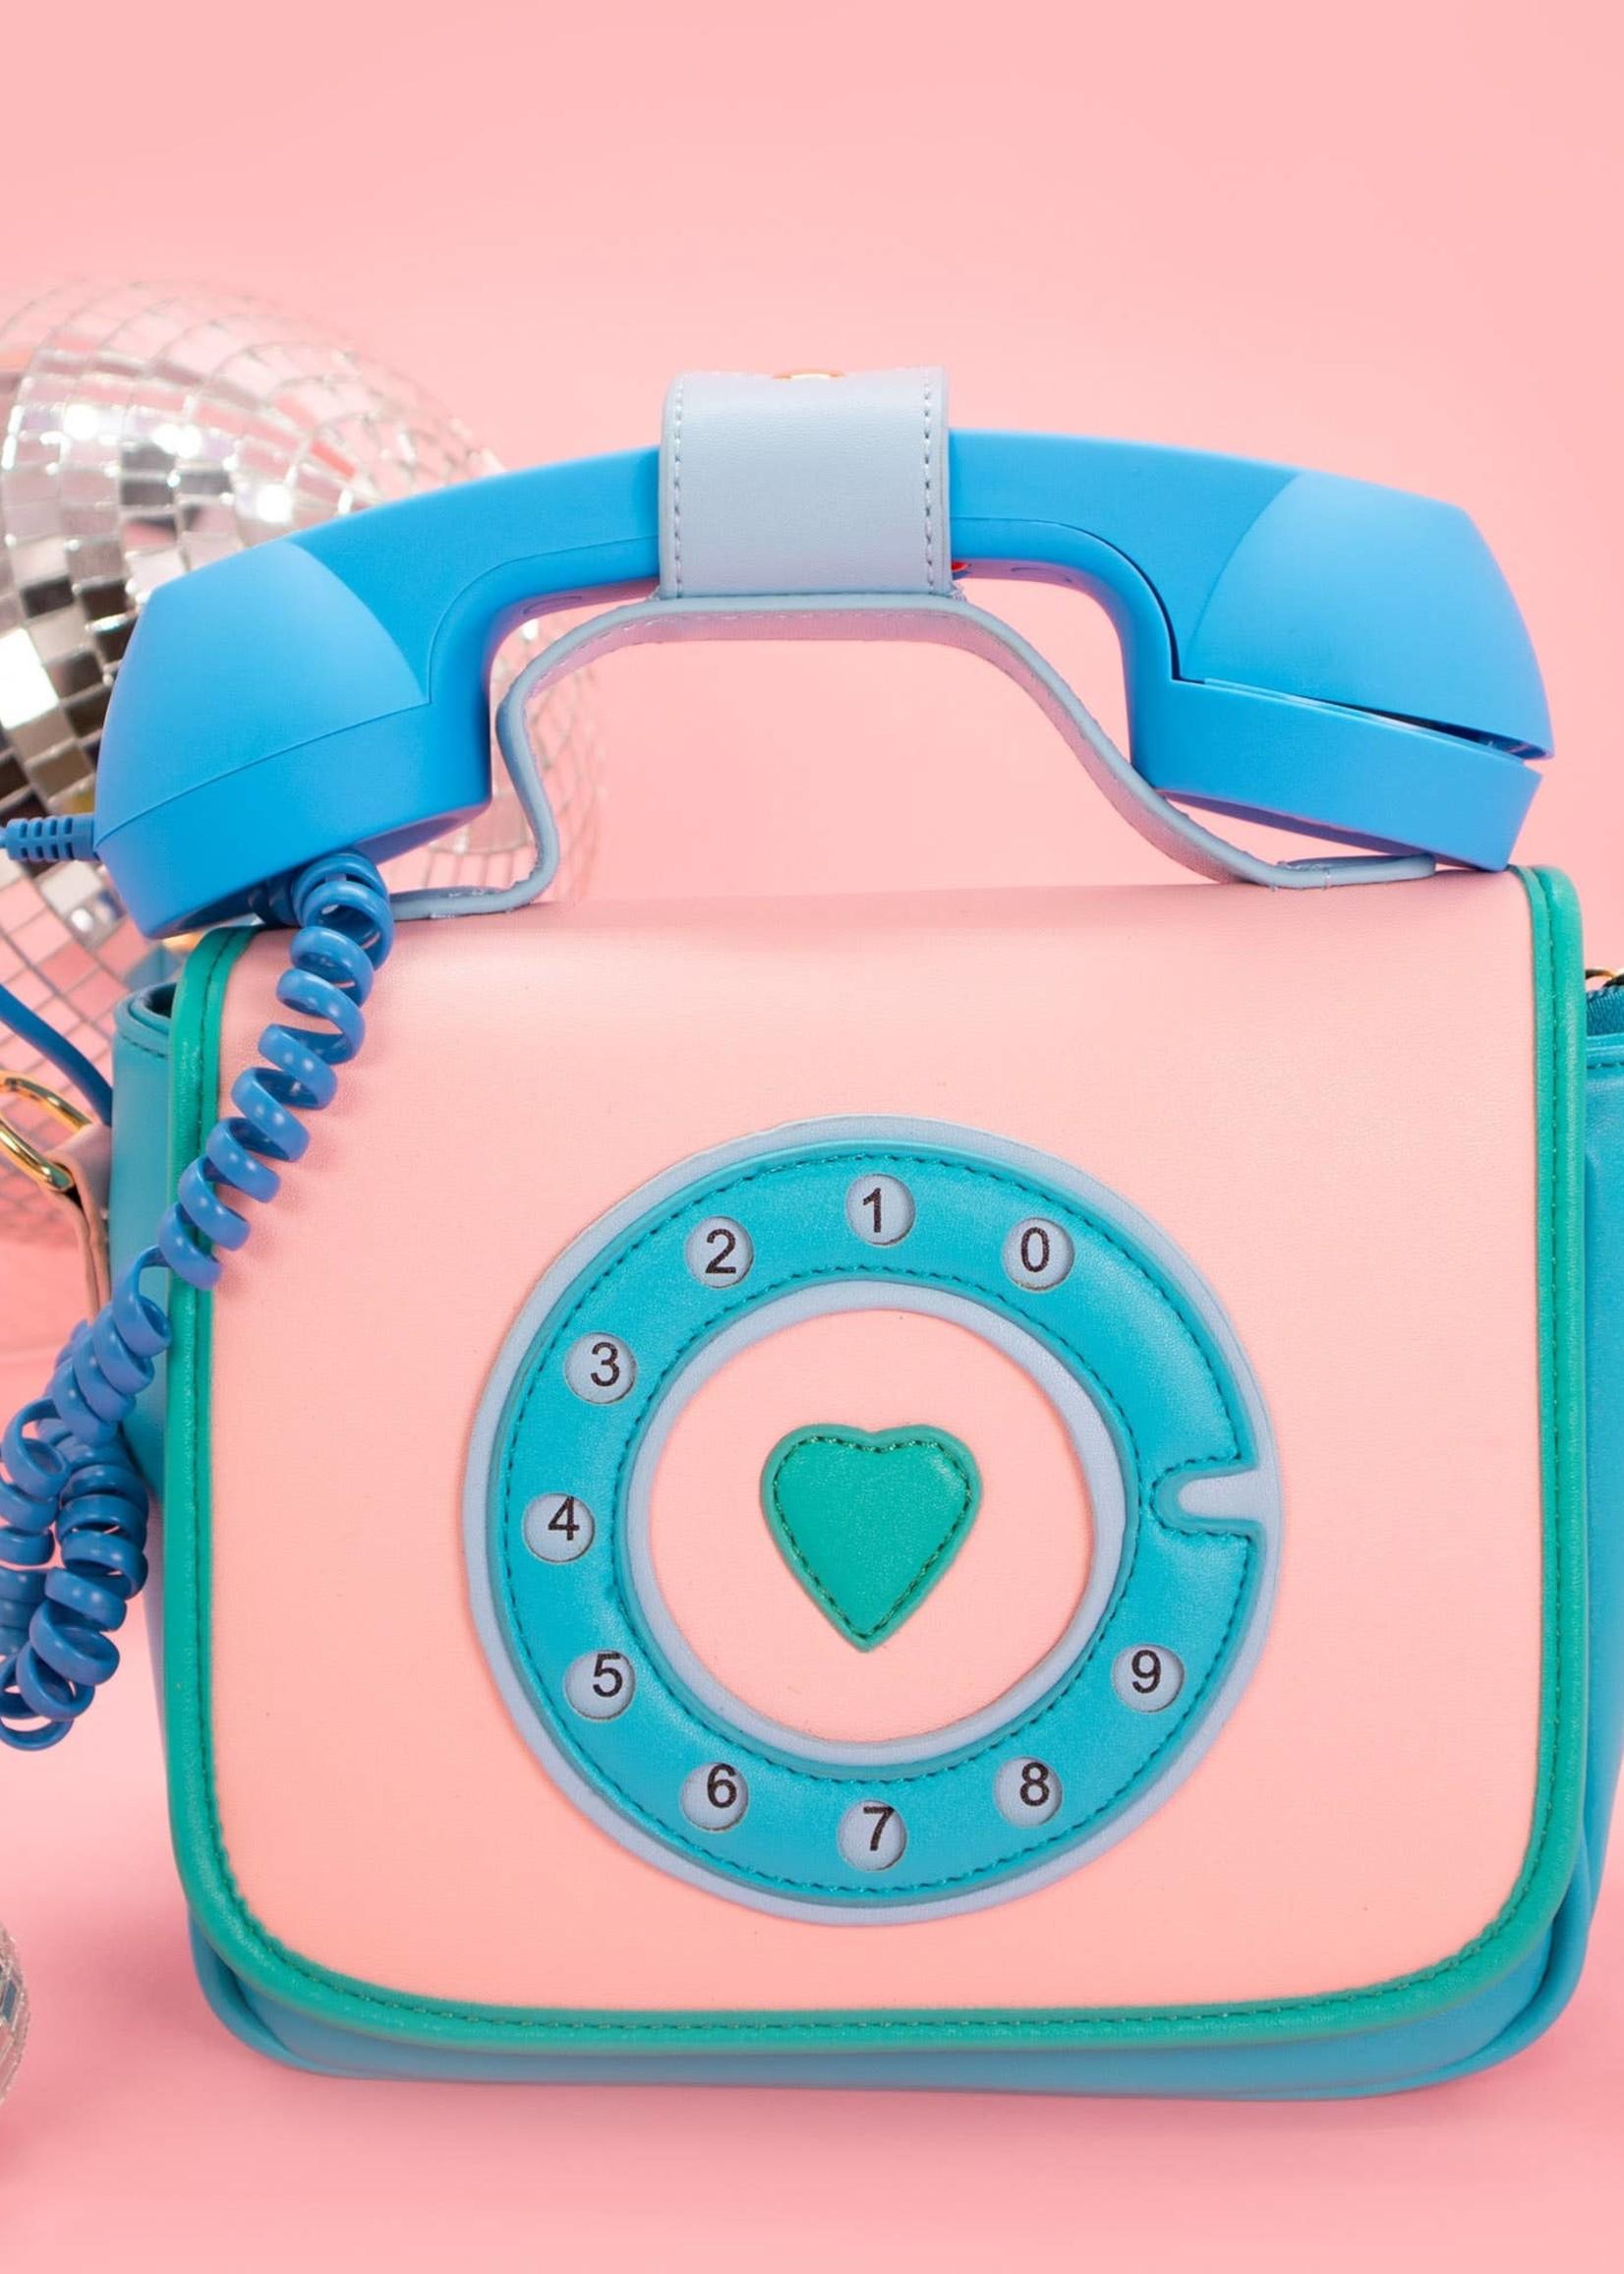 bewaltz Ring Ring Phone Handbag